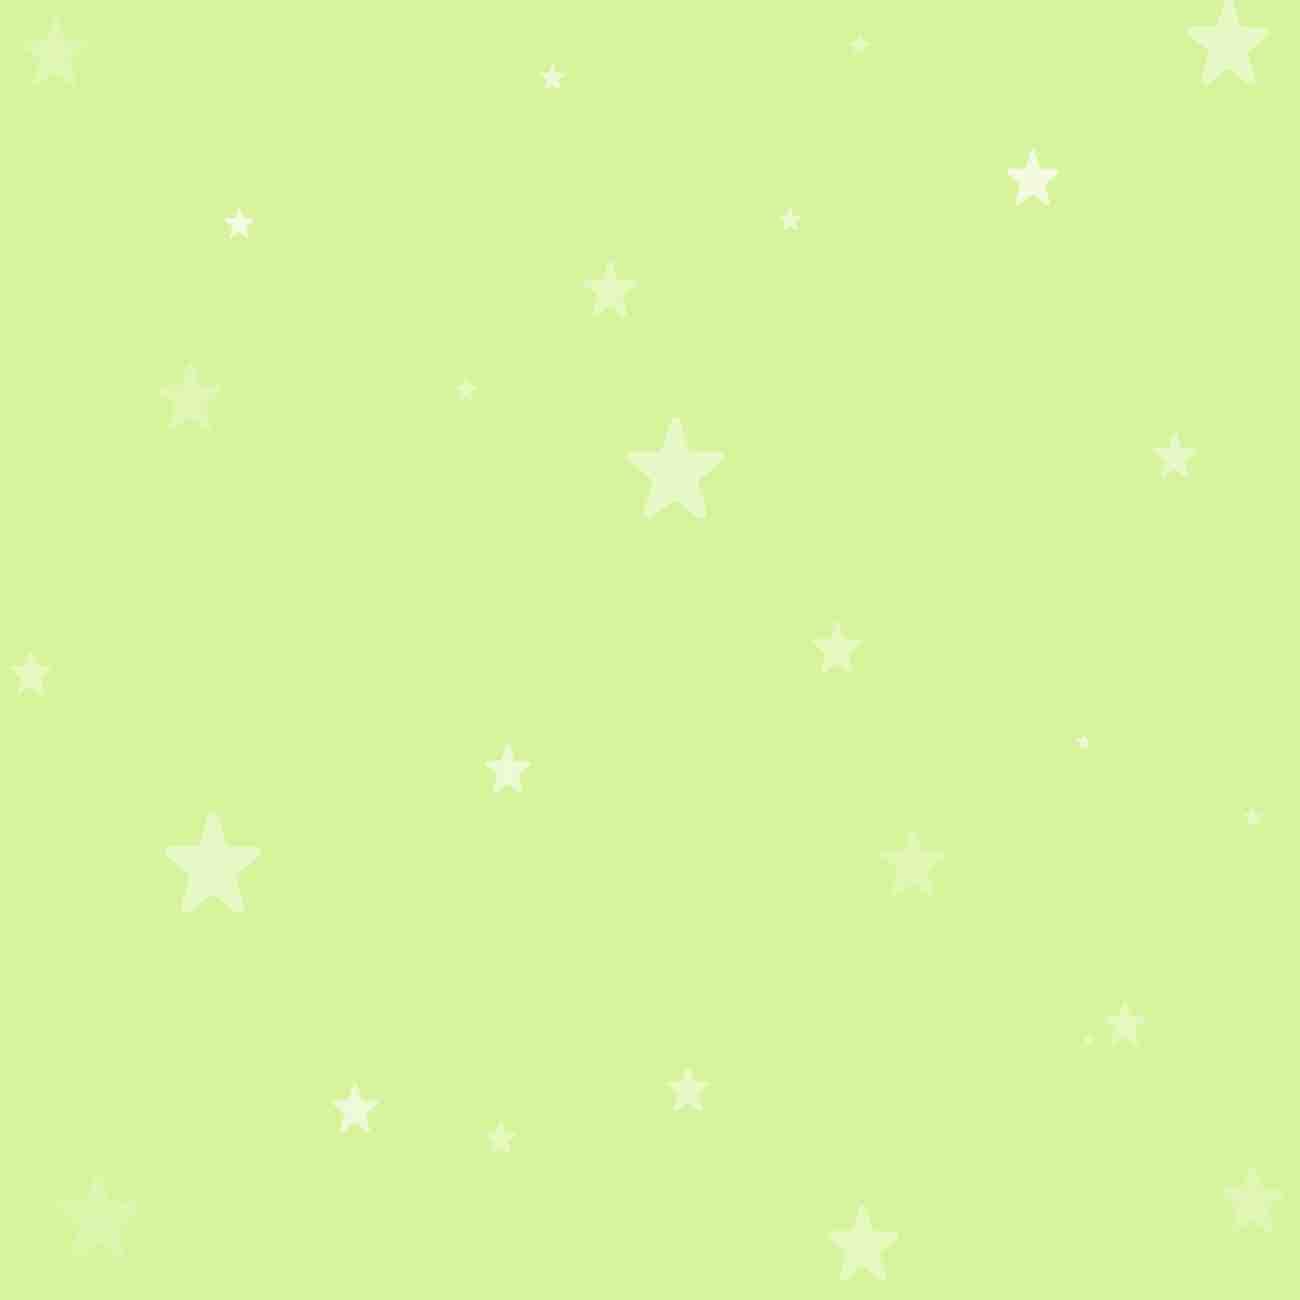 淡い緑色に星が散りばめられたLINEトークルーム背景